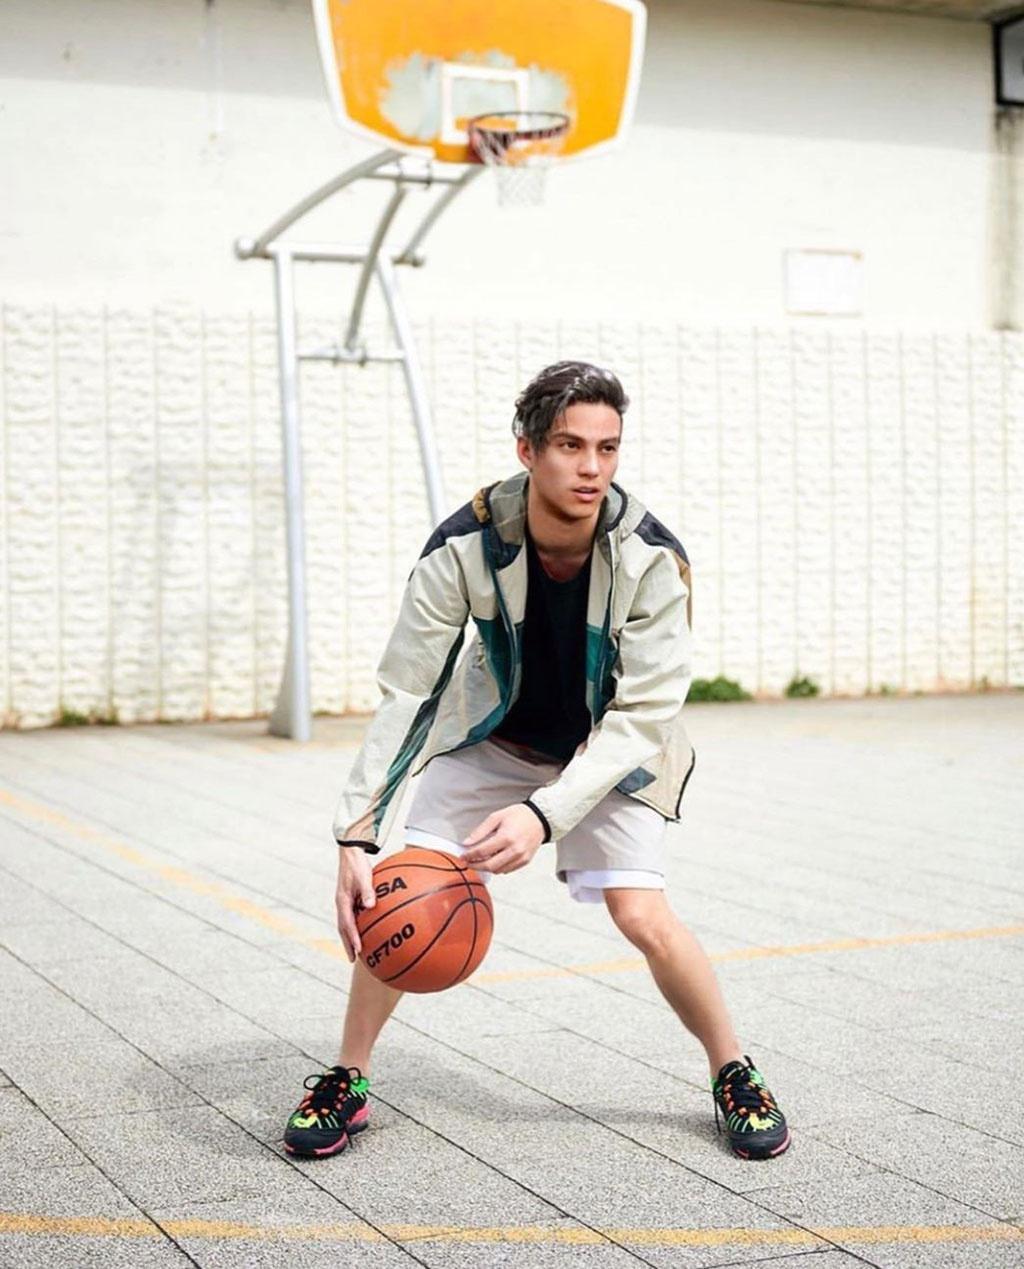 Người mẫu Liam Nikuro thuộc sở hữu của một công ty Nhật Bản được xây dựng có niềm đam mê bóng rổ